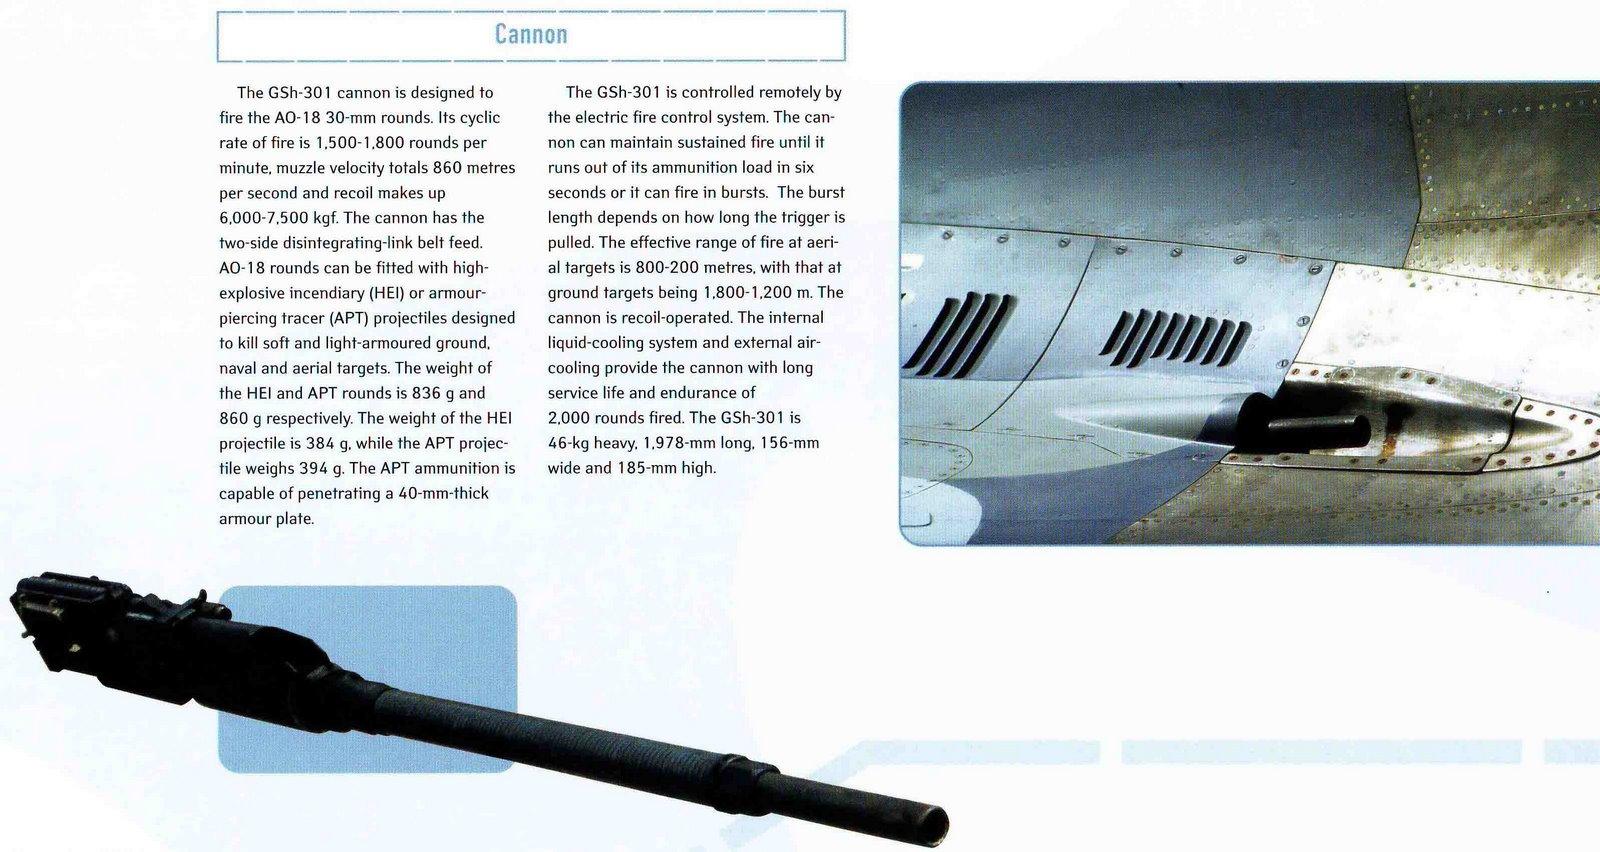 حصري للمنتدى : مقاتلة السيادة الجوية Soukhoï Su-30 MK - صفحة 2 Su-30MKI%2BWeapons-8